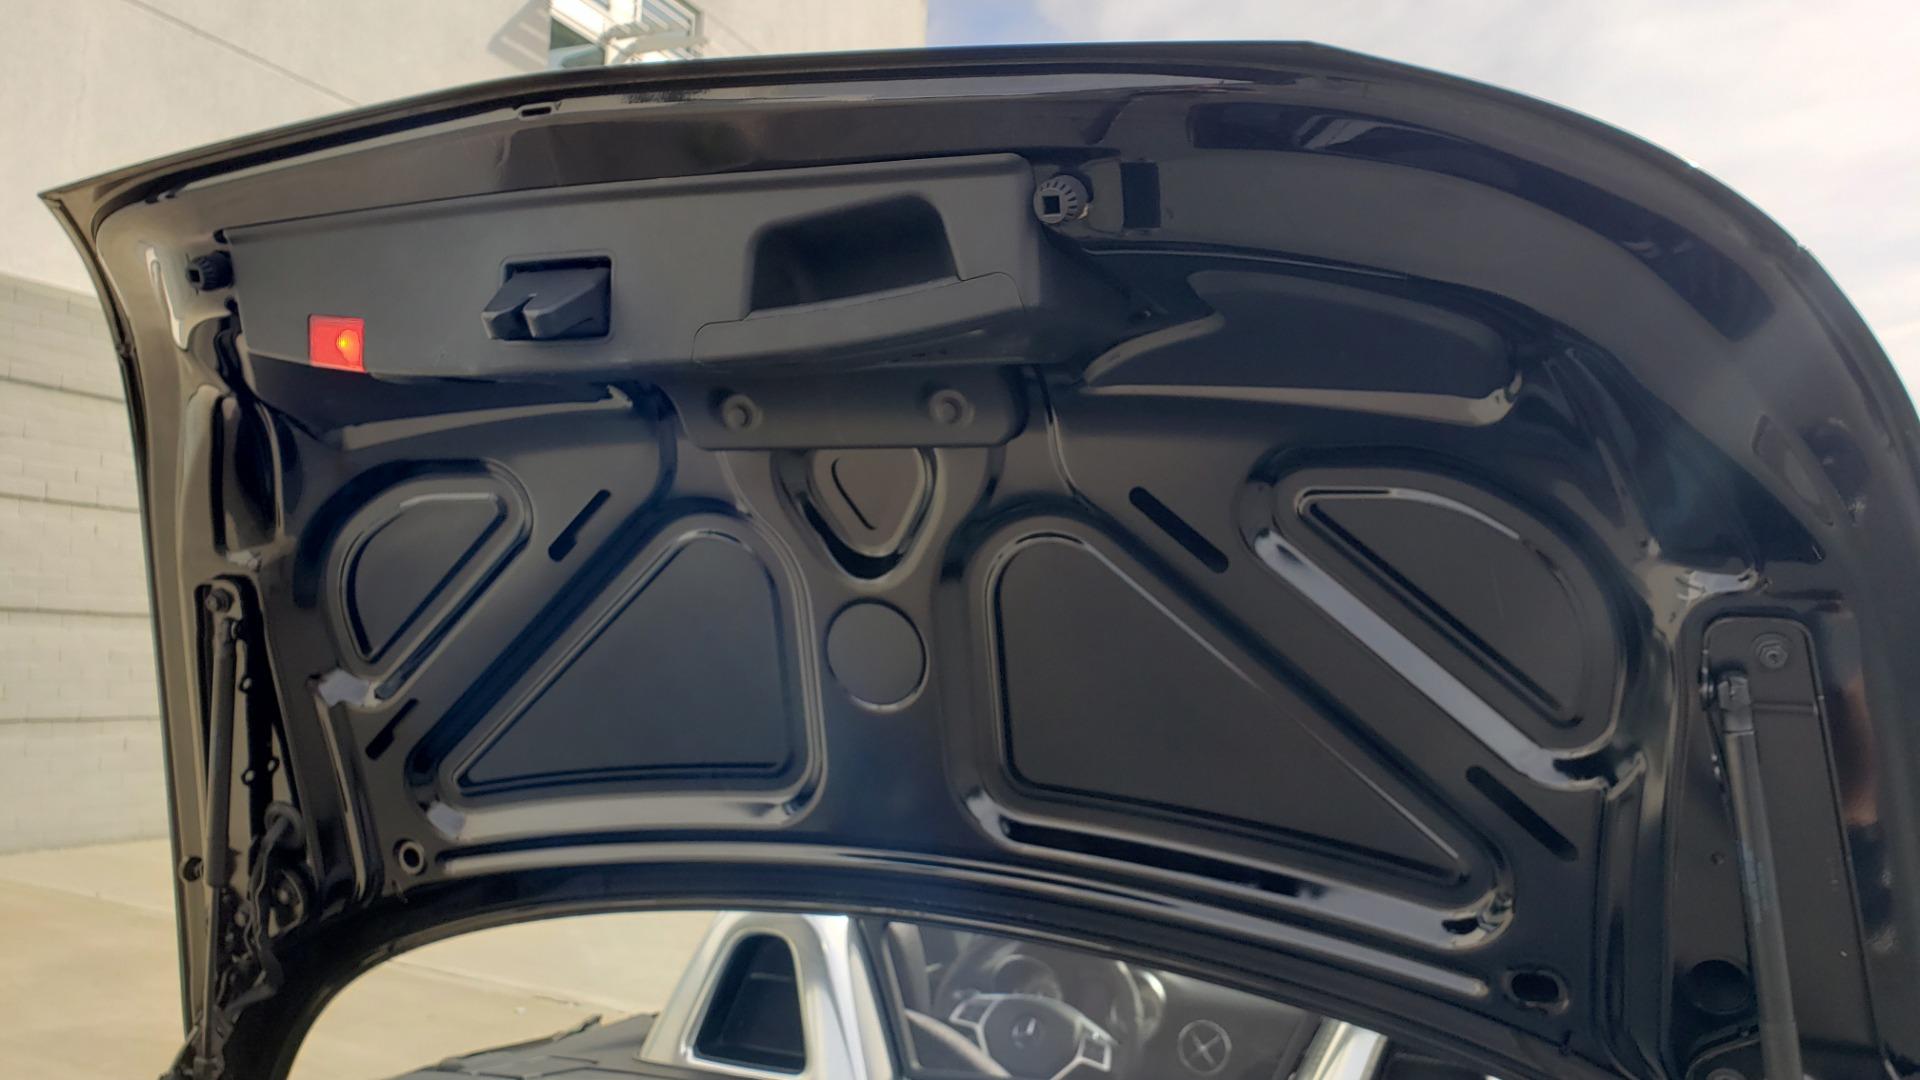 Used 2012 Mercedes-Benz SLK-CLASS SLK 250 ROADSTER / PREM 1 PKG / COMAND LAUNCH PKG / 7-SPD AUTO for sale $24,995 at Formula Imports in Charlotte NC 28227 39